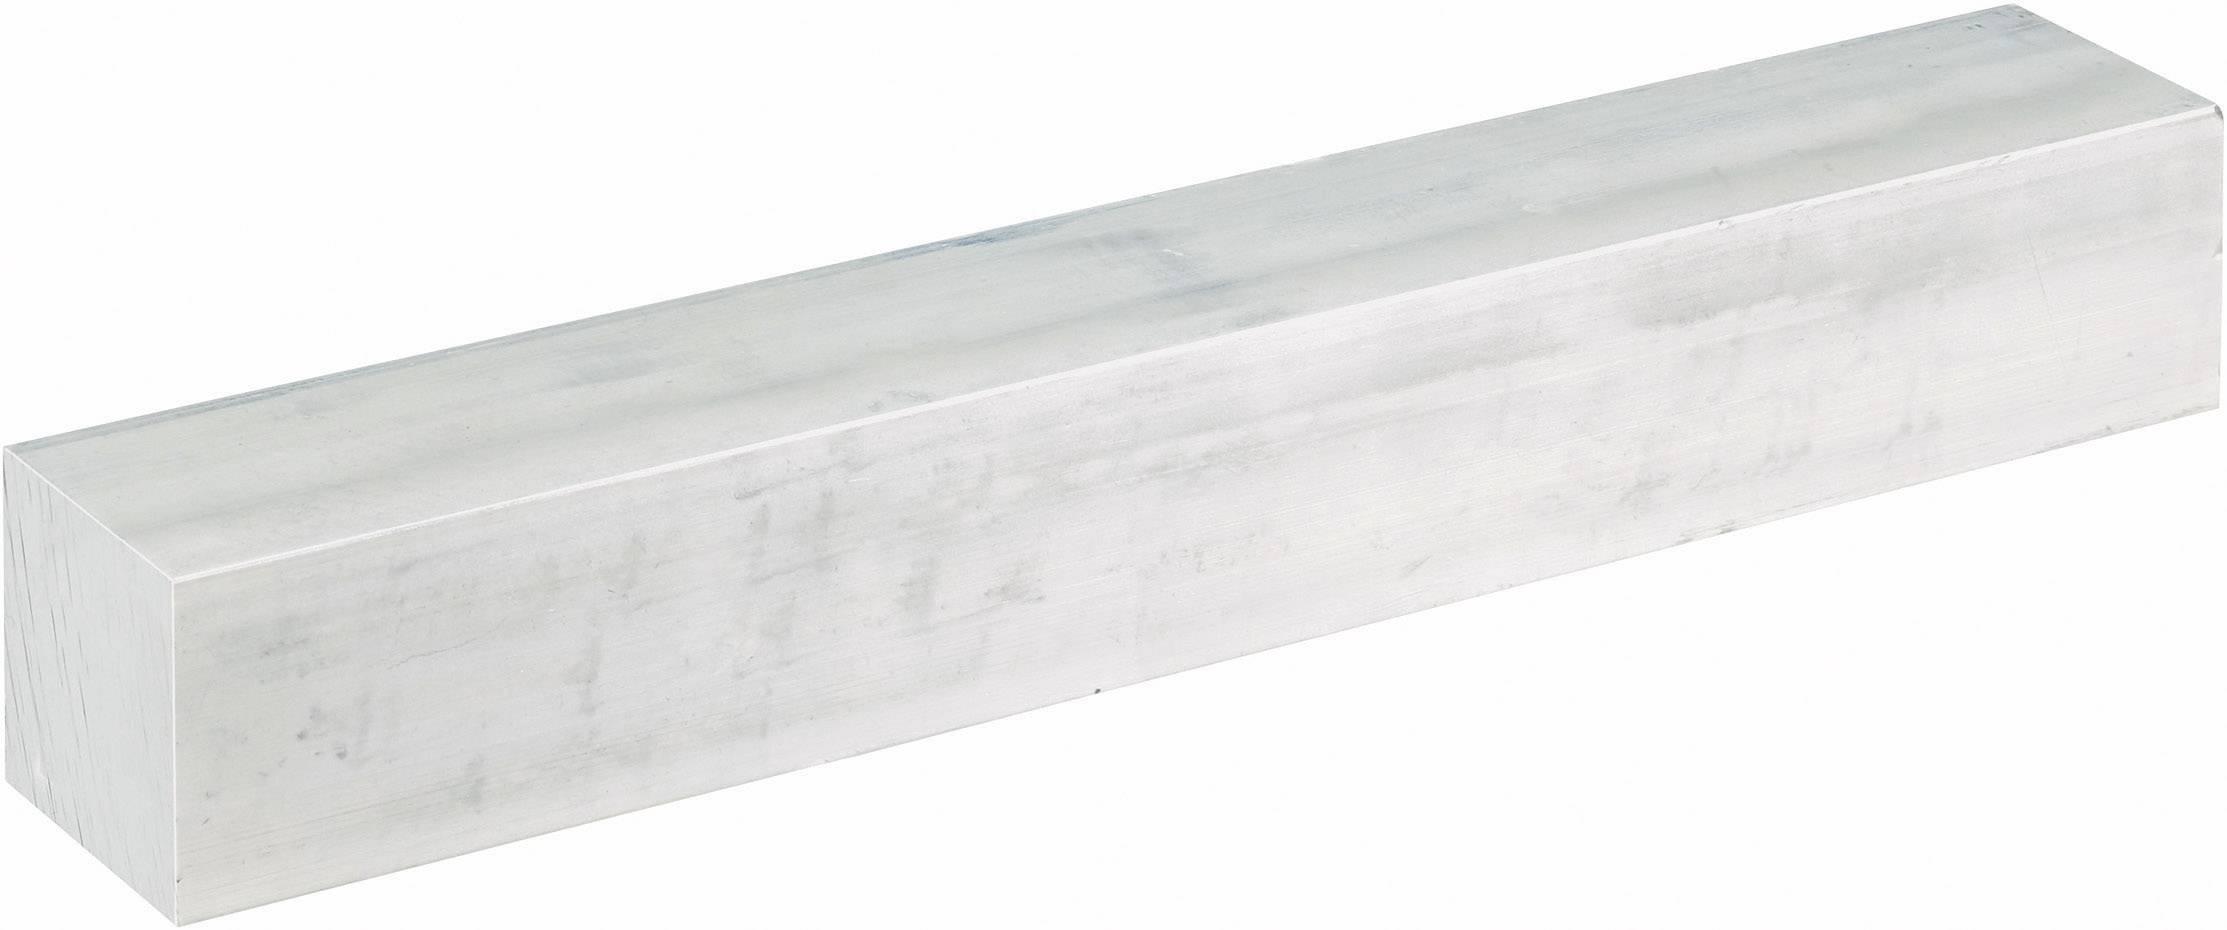 Profil, (d x š x v) 200 x 30 x 30 mm, hliník